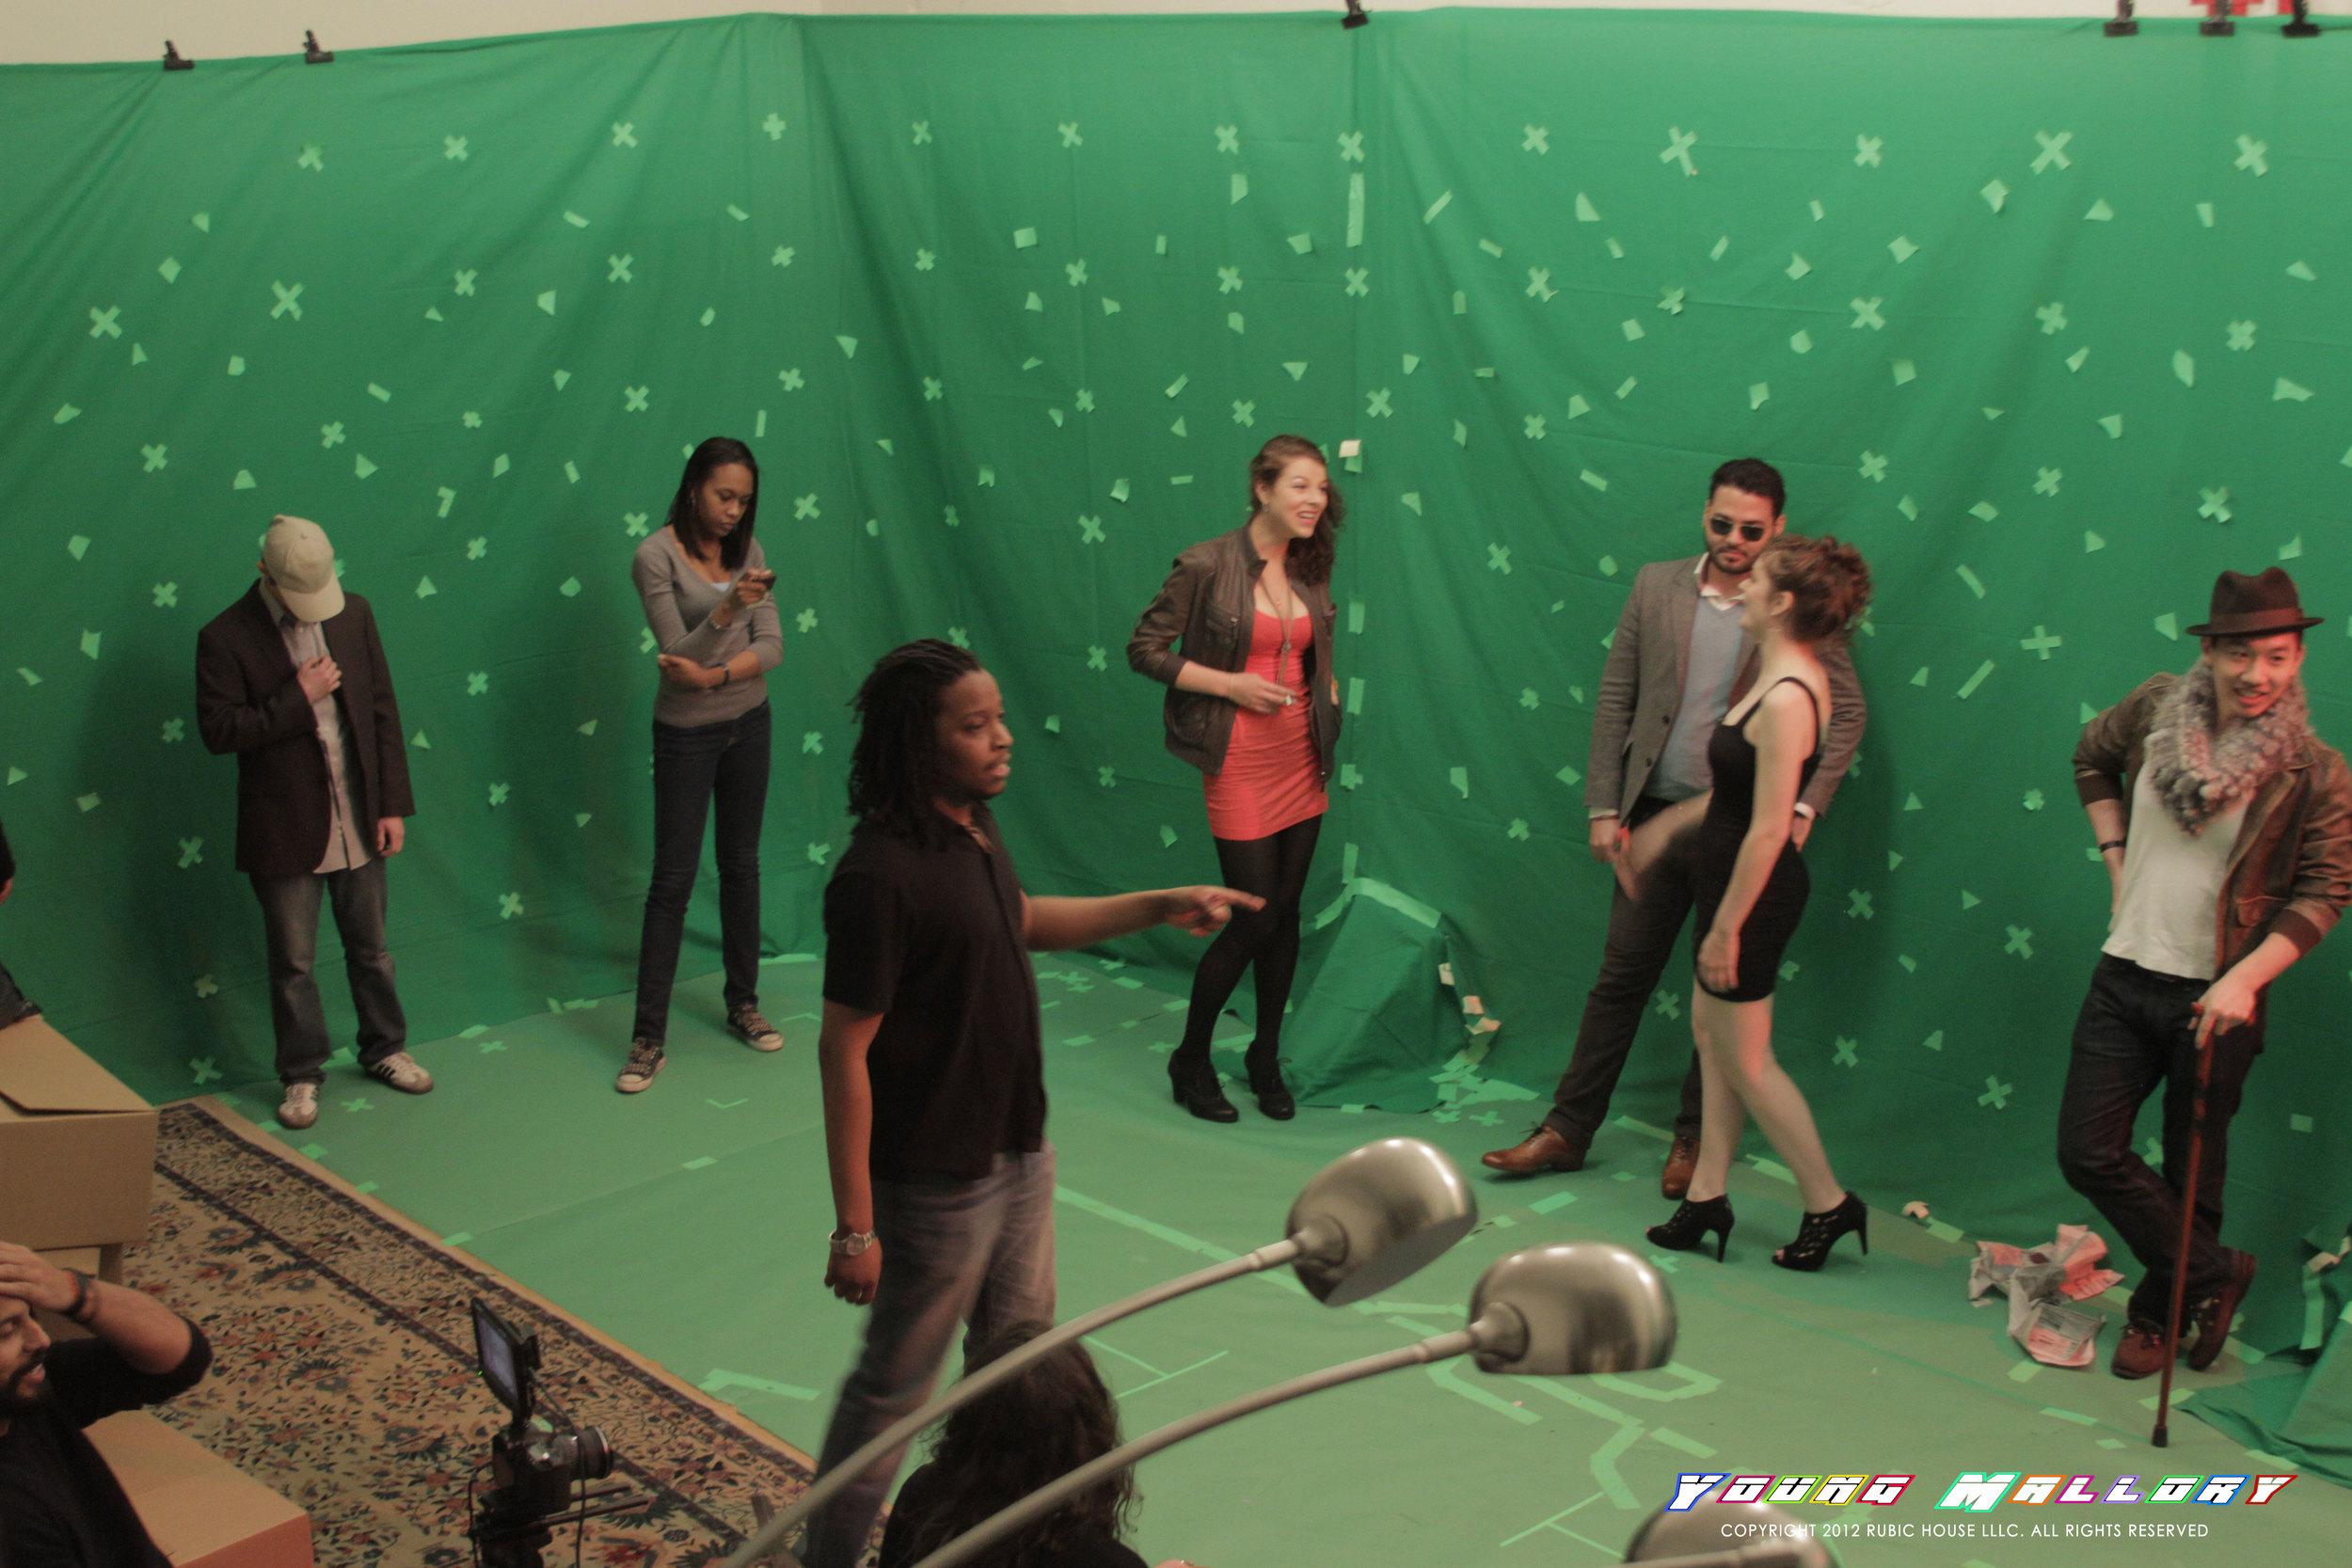 behind-the-scenes-photo-12.jpg